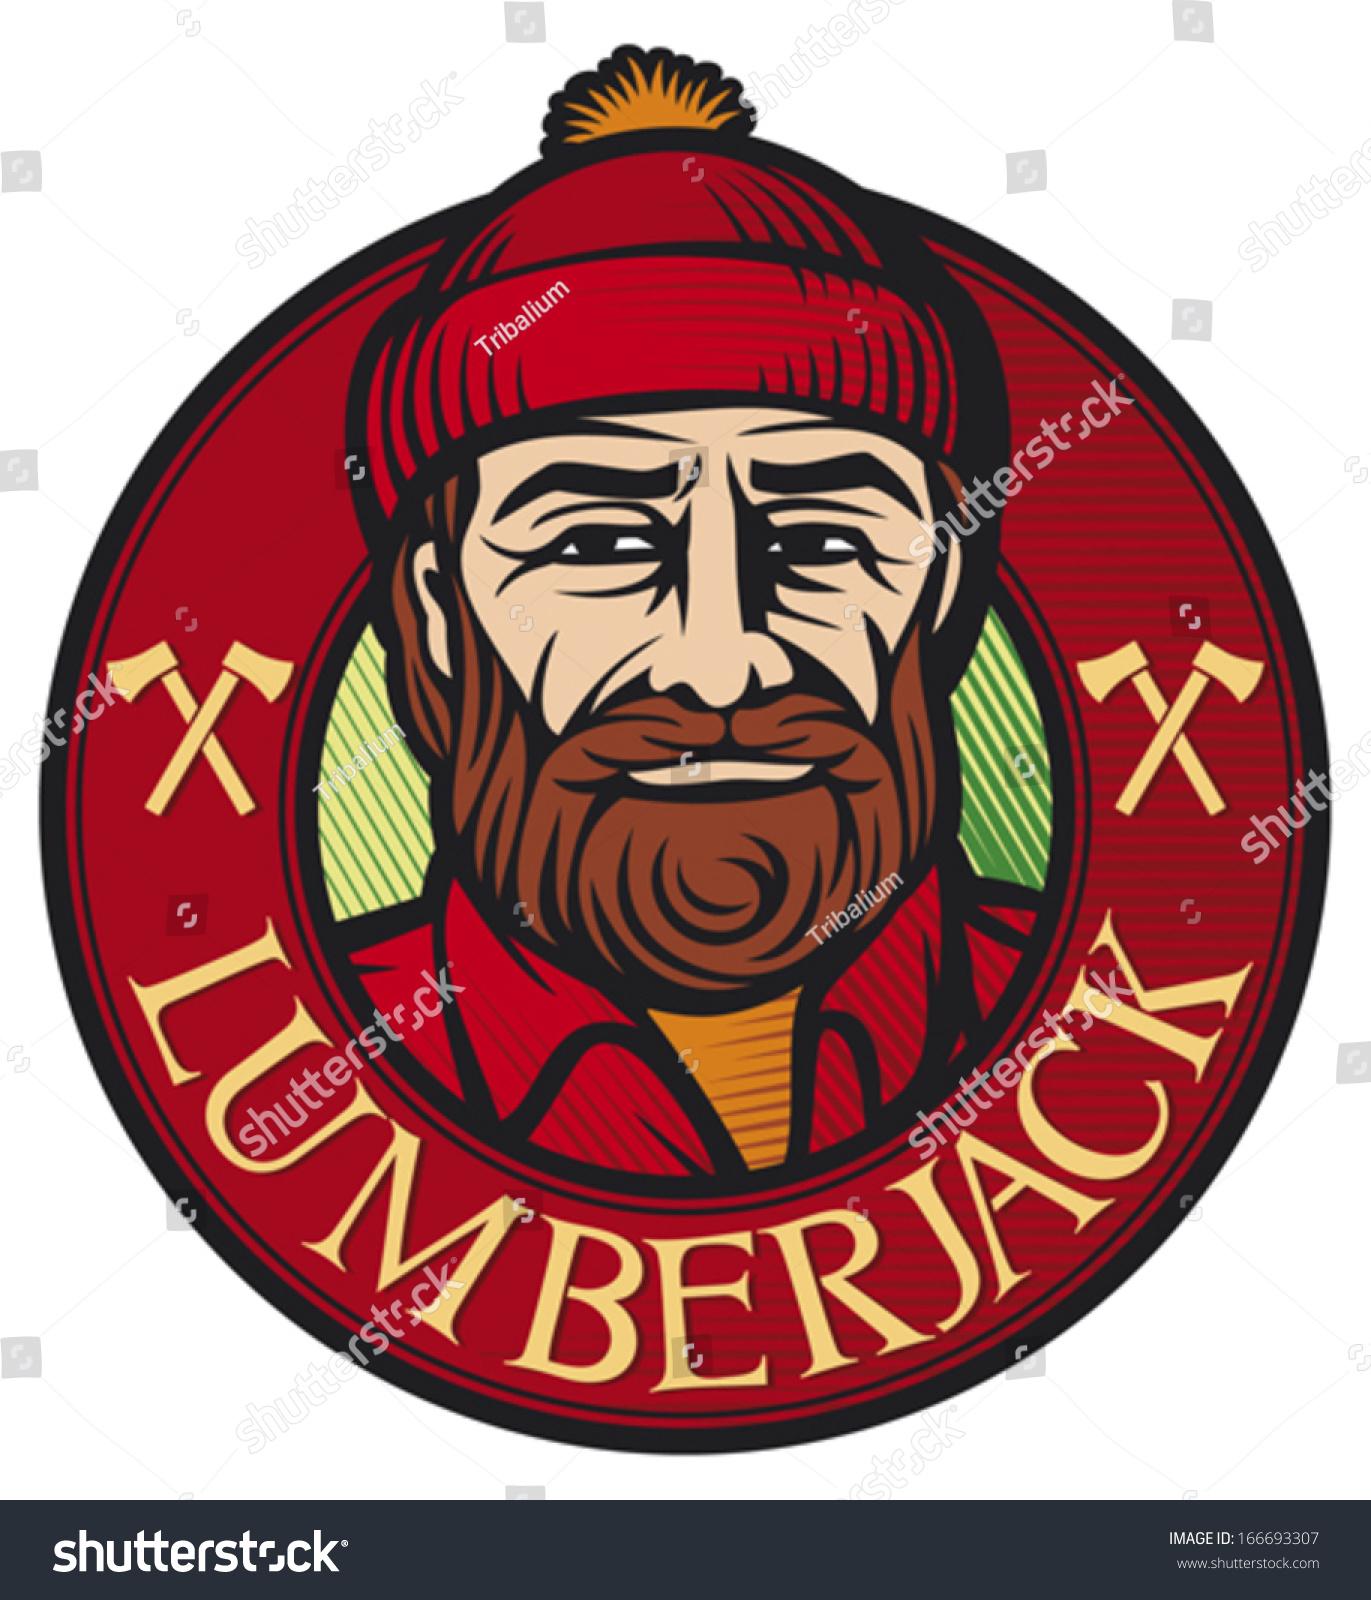 ... , Logger Design) Stock Vector Illustration 166693307 : Shutterstock